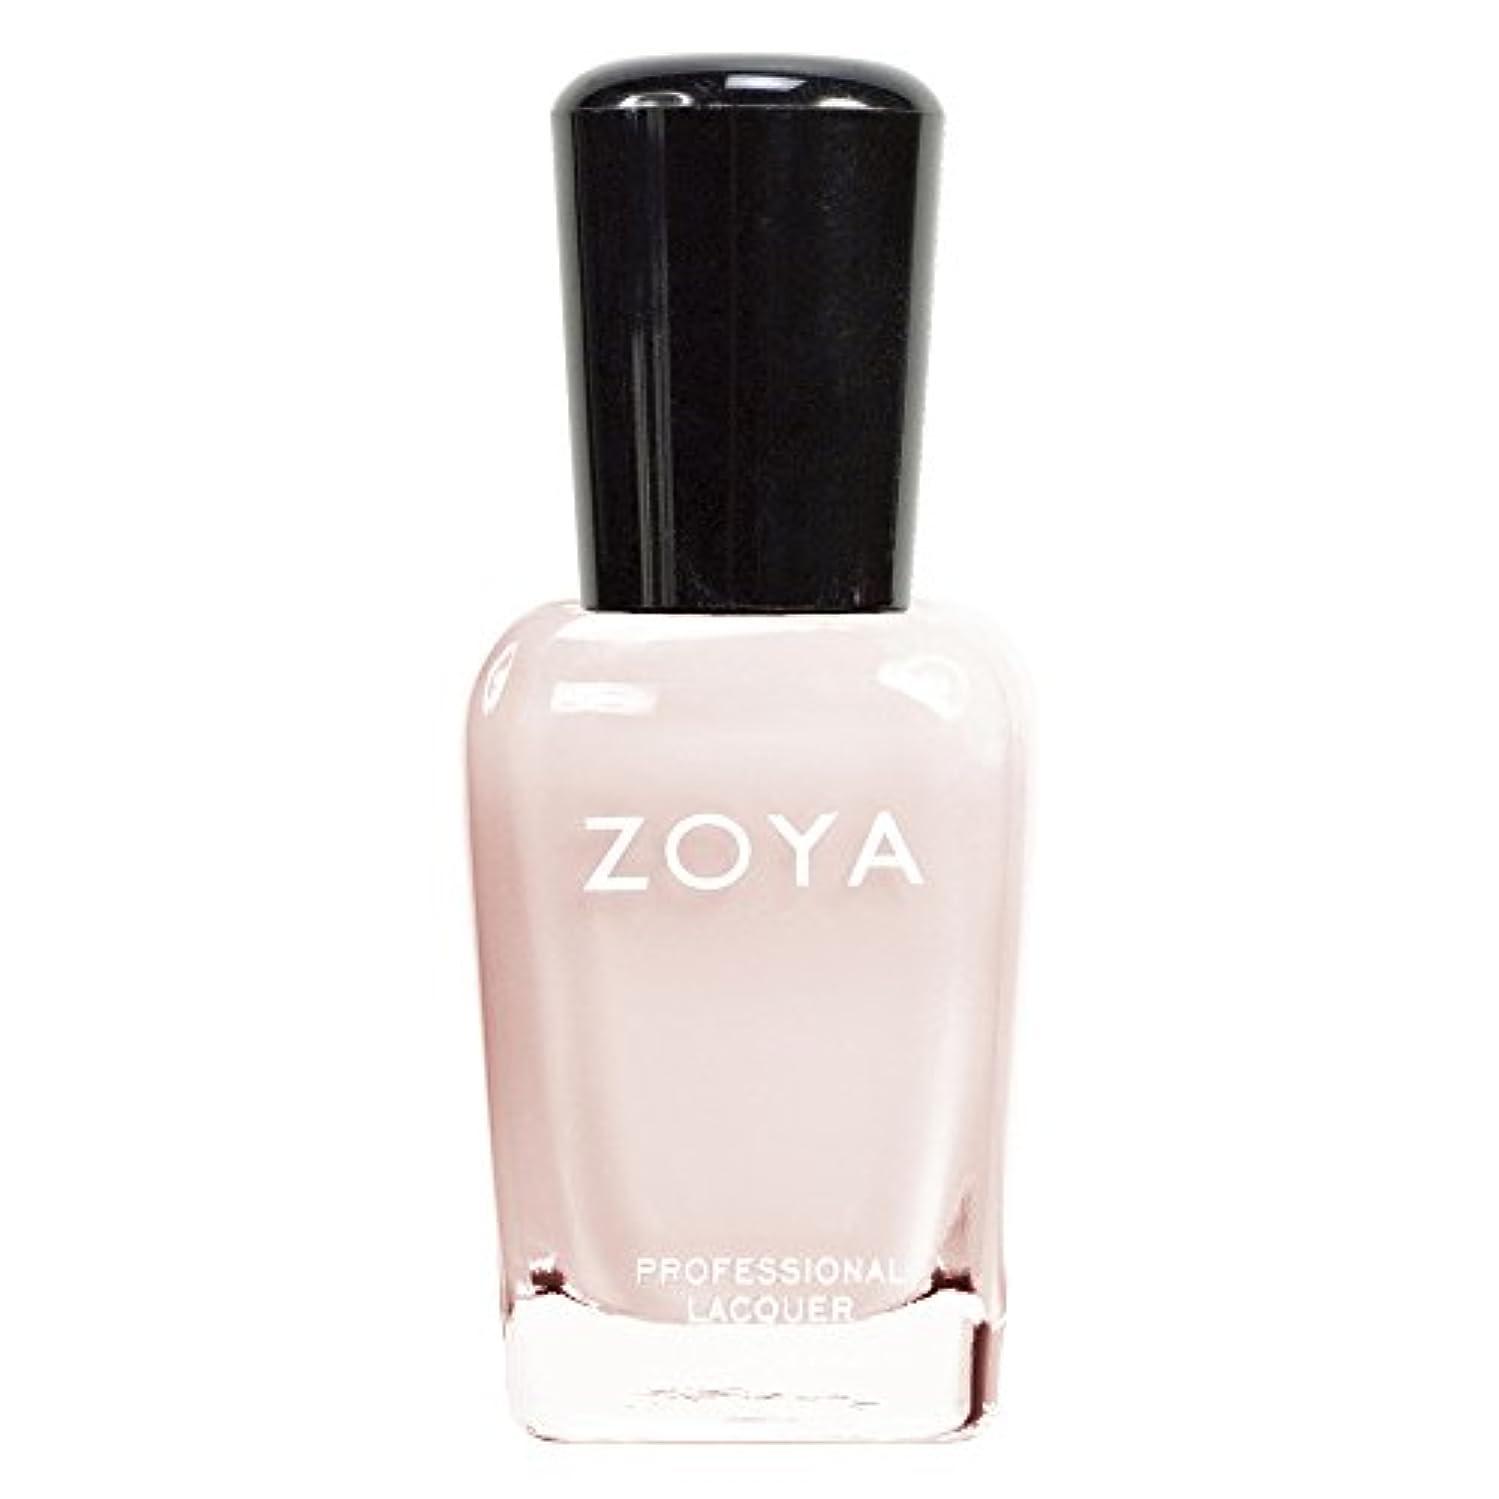 砂利南願望ZOYA ゾーヤ ネイルカラーZP242 JANE ジェーン 15ml ほのかに色づくミルキーピーチピンク シアー/クリーム 爪にやさしいカラーポリッシュマニキュア